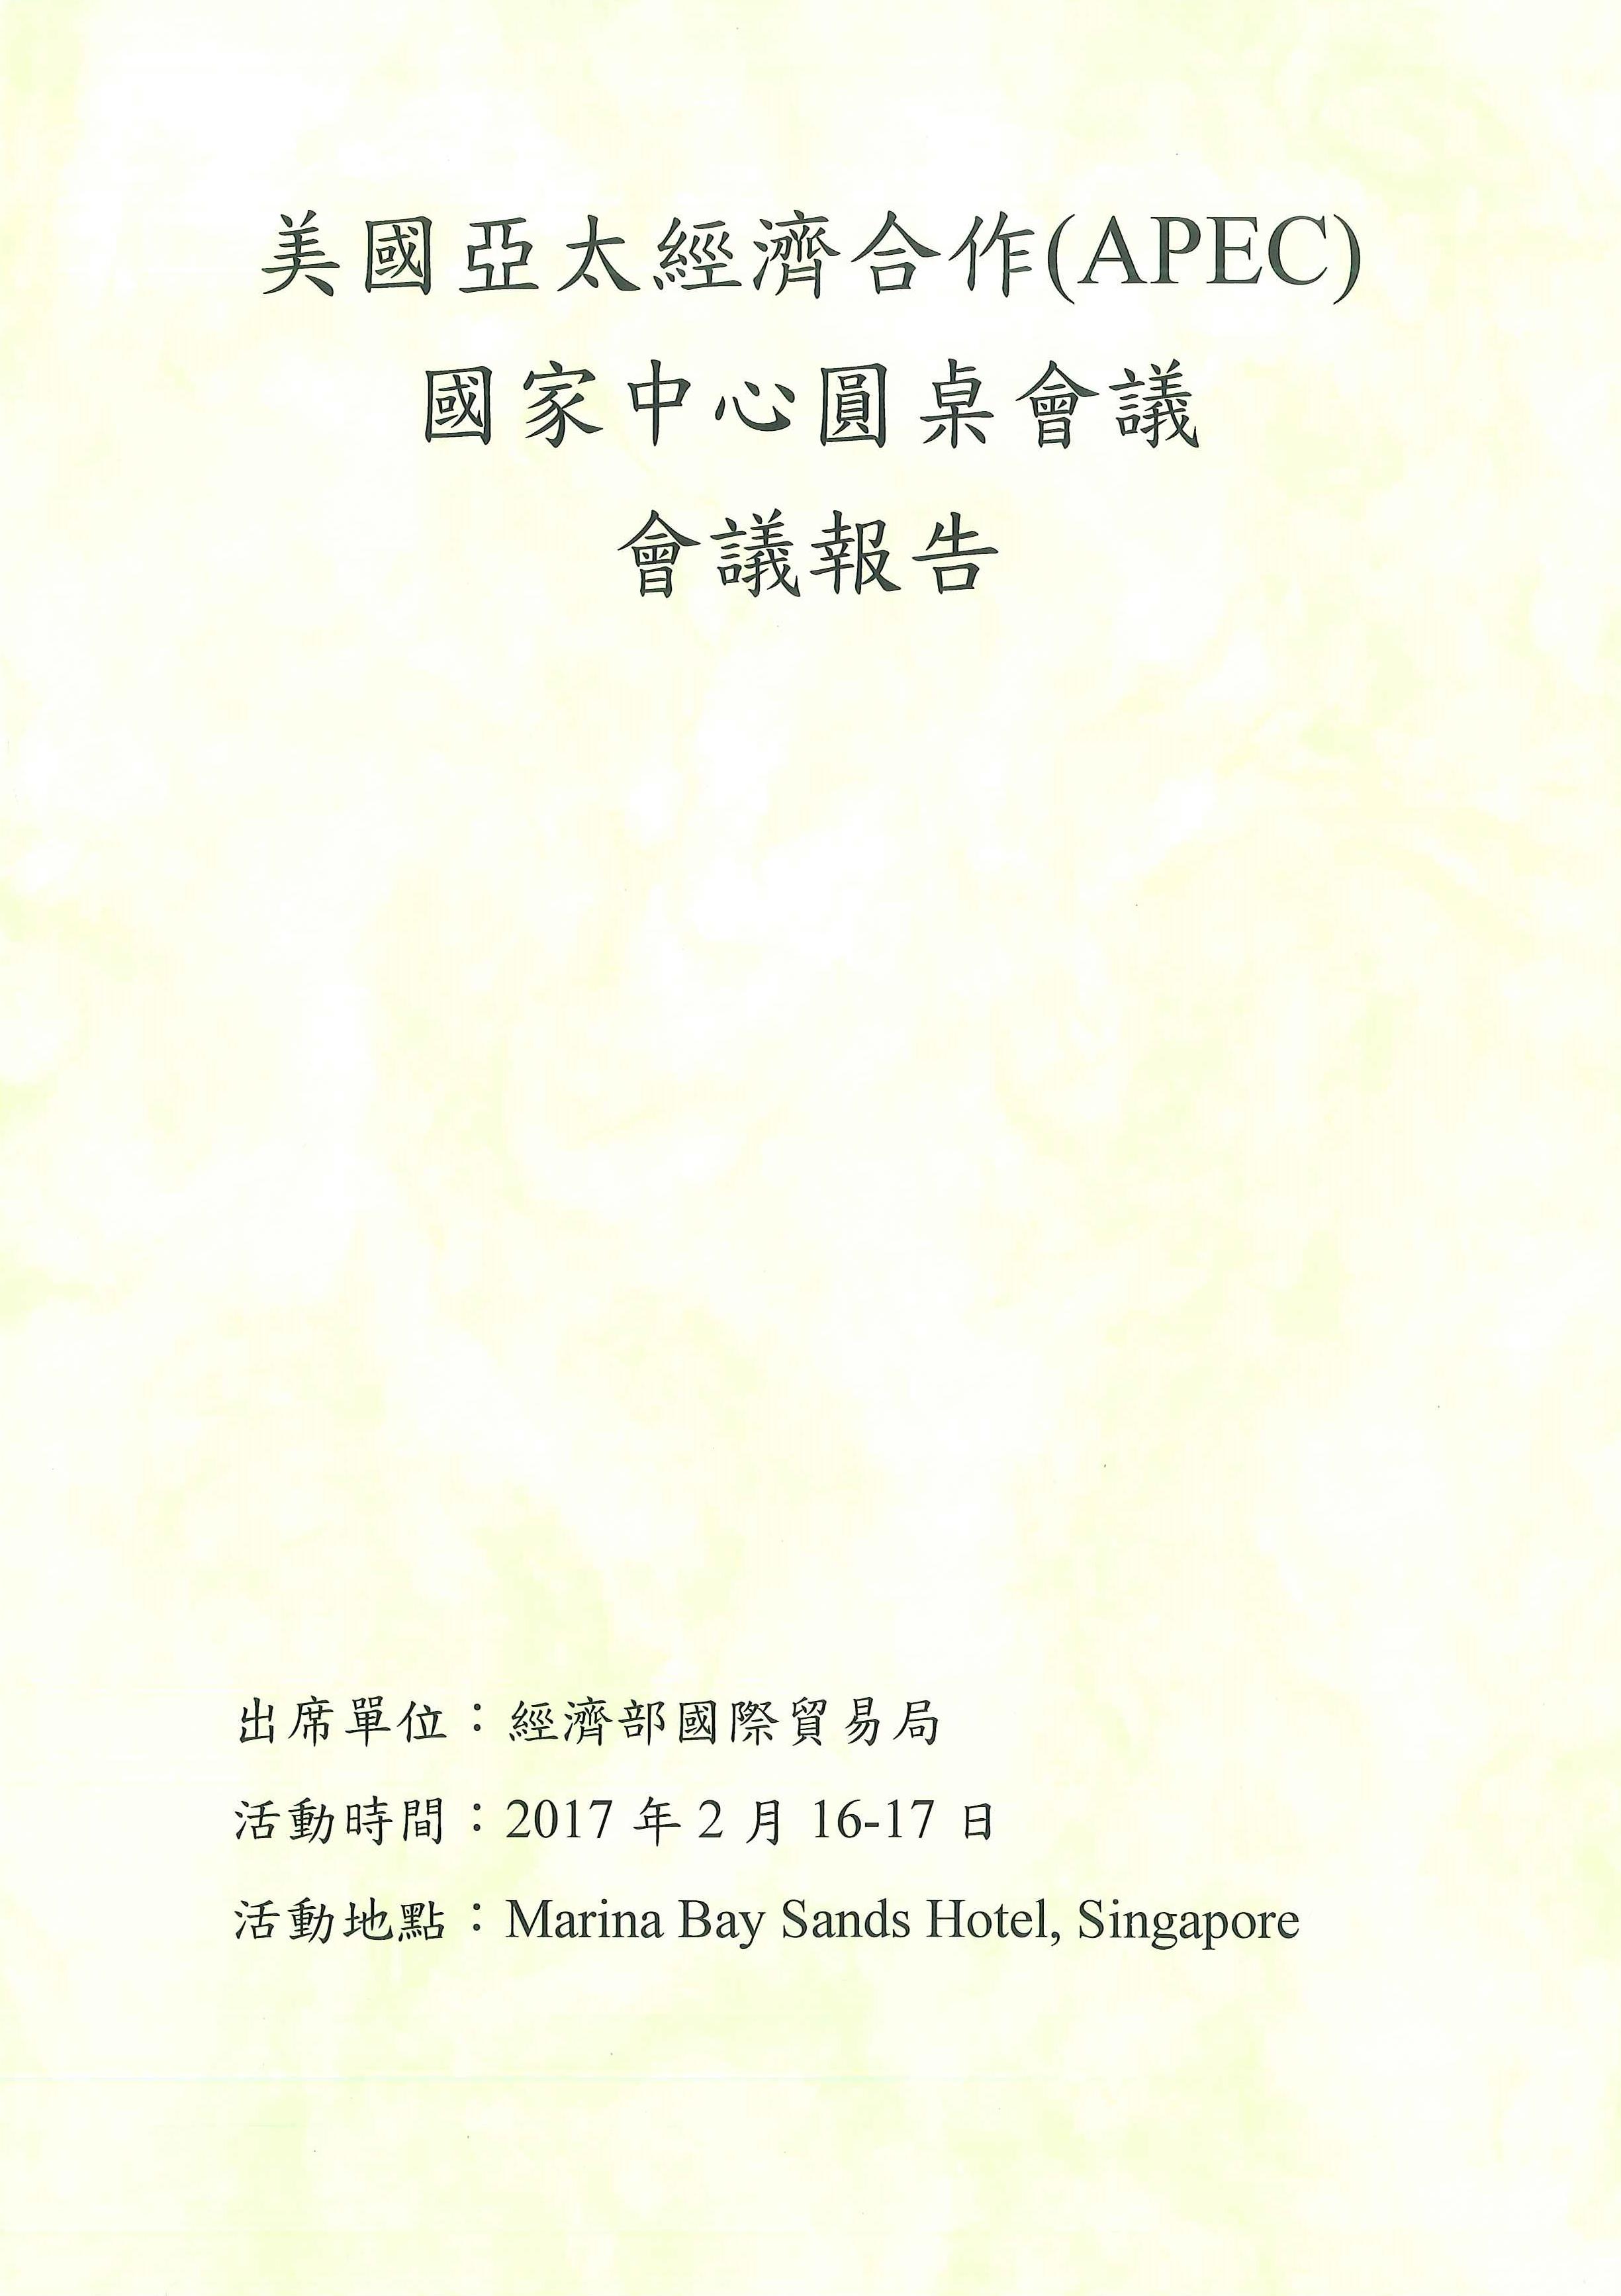 美國亞太經濟合作(APEC)國家中心圓桌會議:會議報告